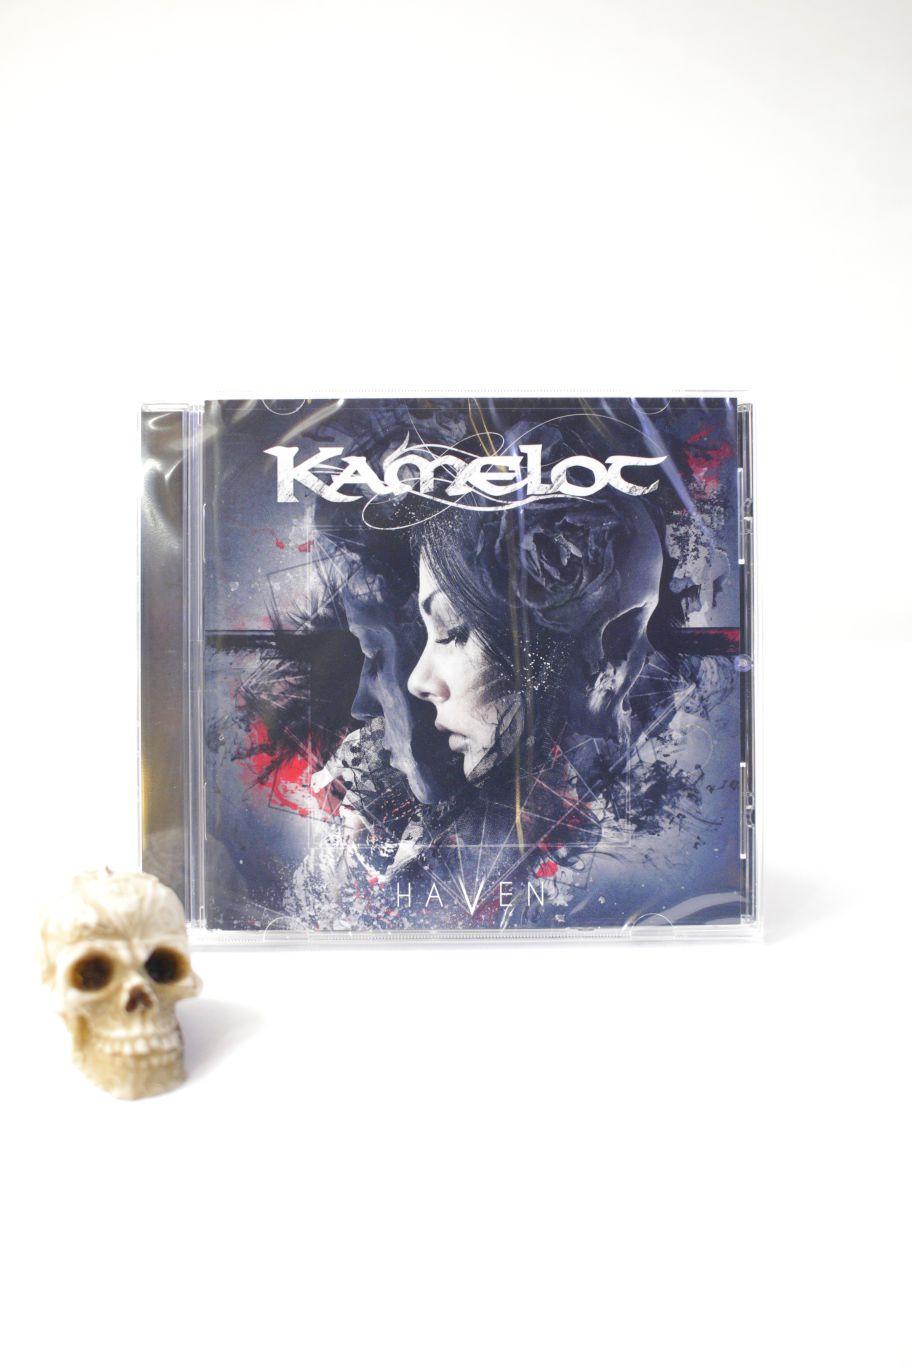 CD KAMELOT HAVEN